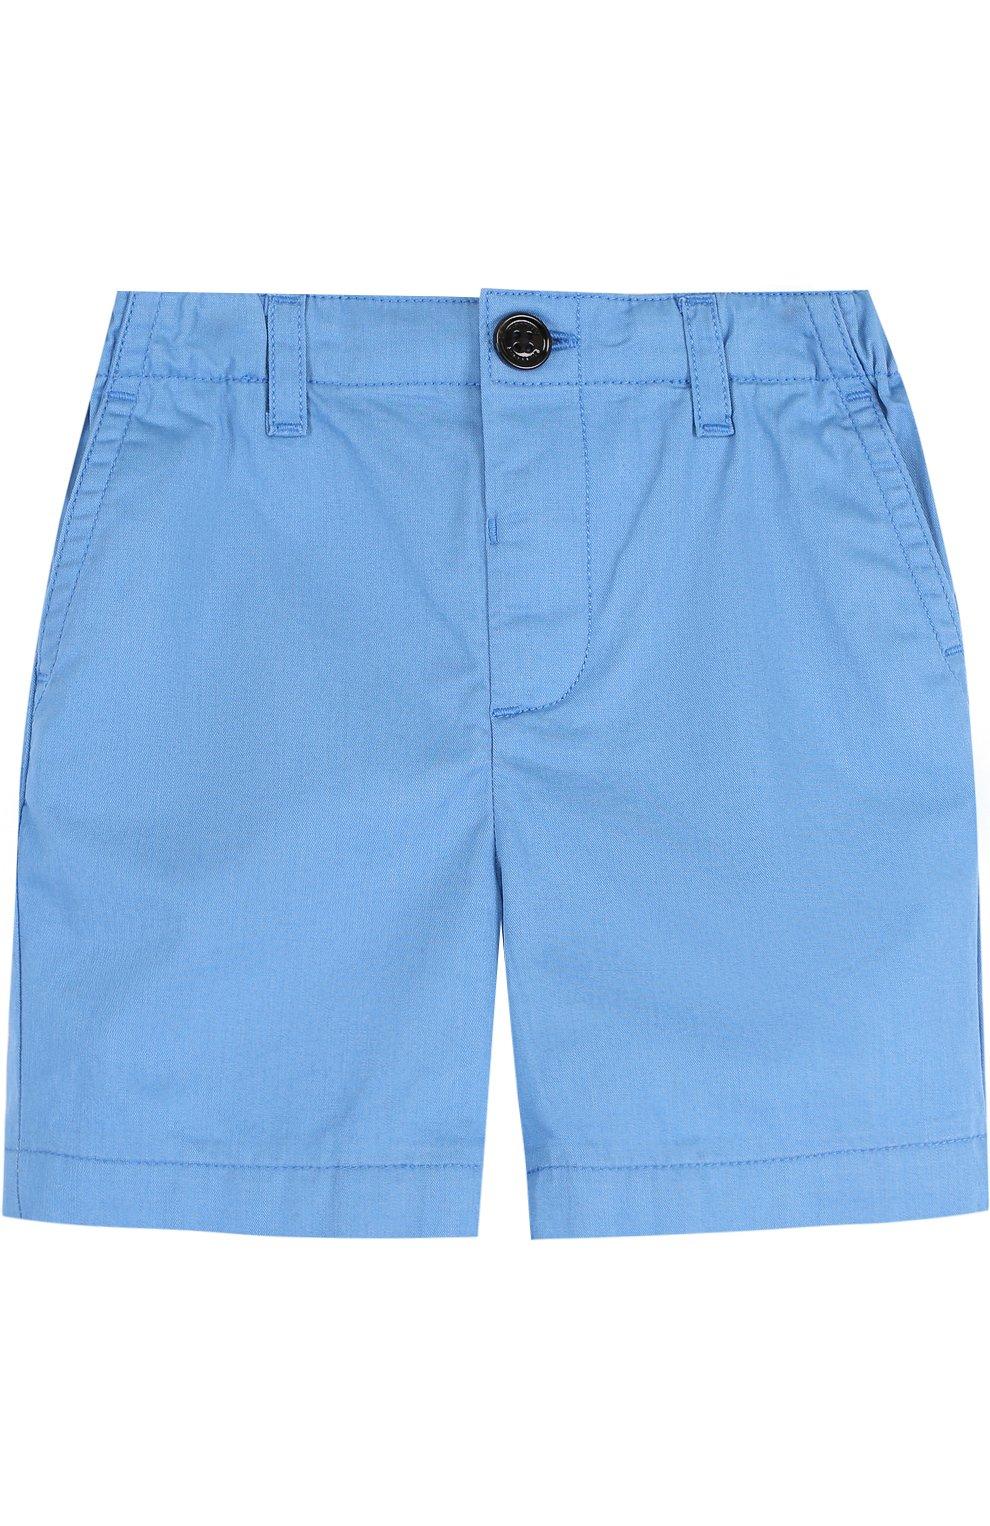 Детские хлопковые шорты с эластичной вставкой на поясе BURBERRY голубого цвета, арт. 4063423 | Фото 1